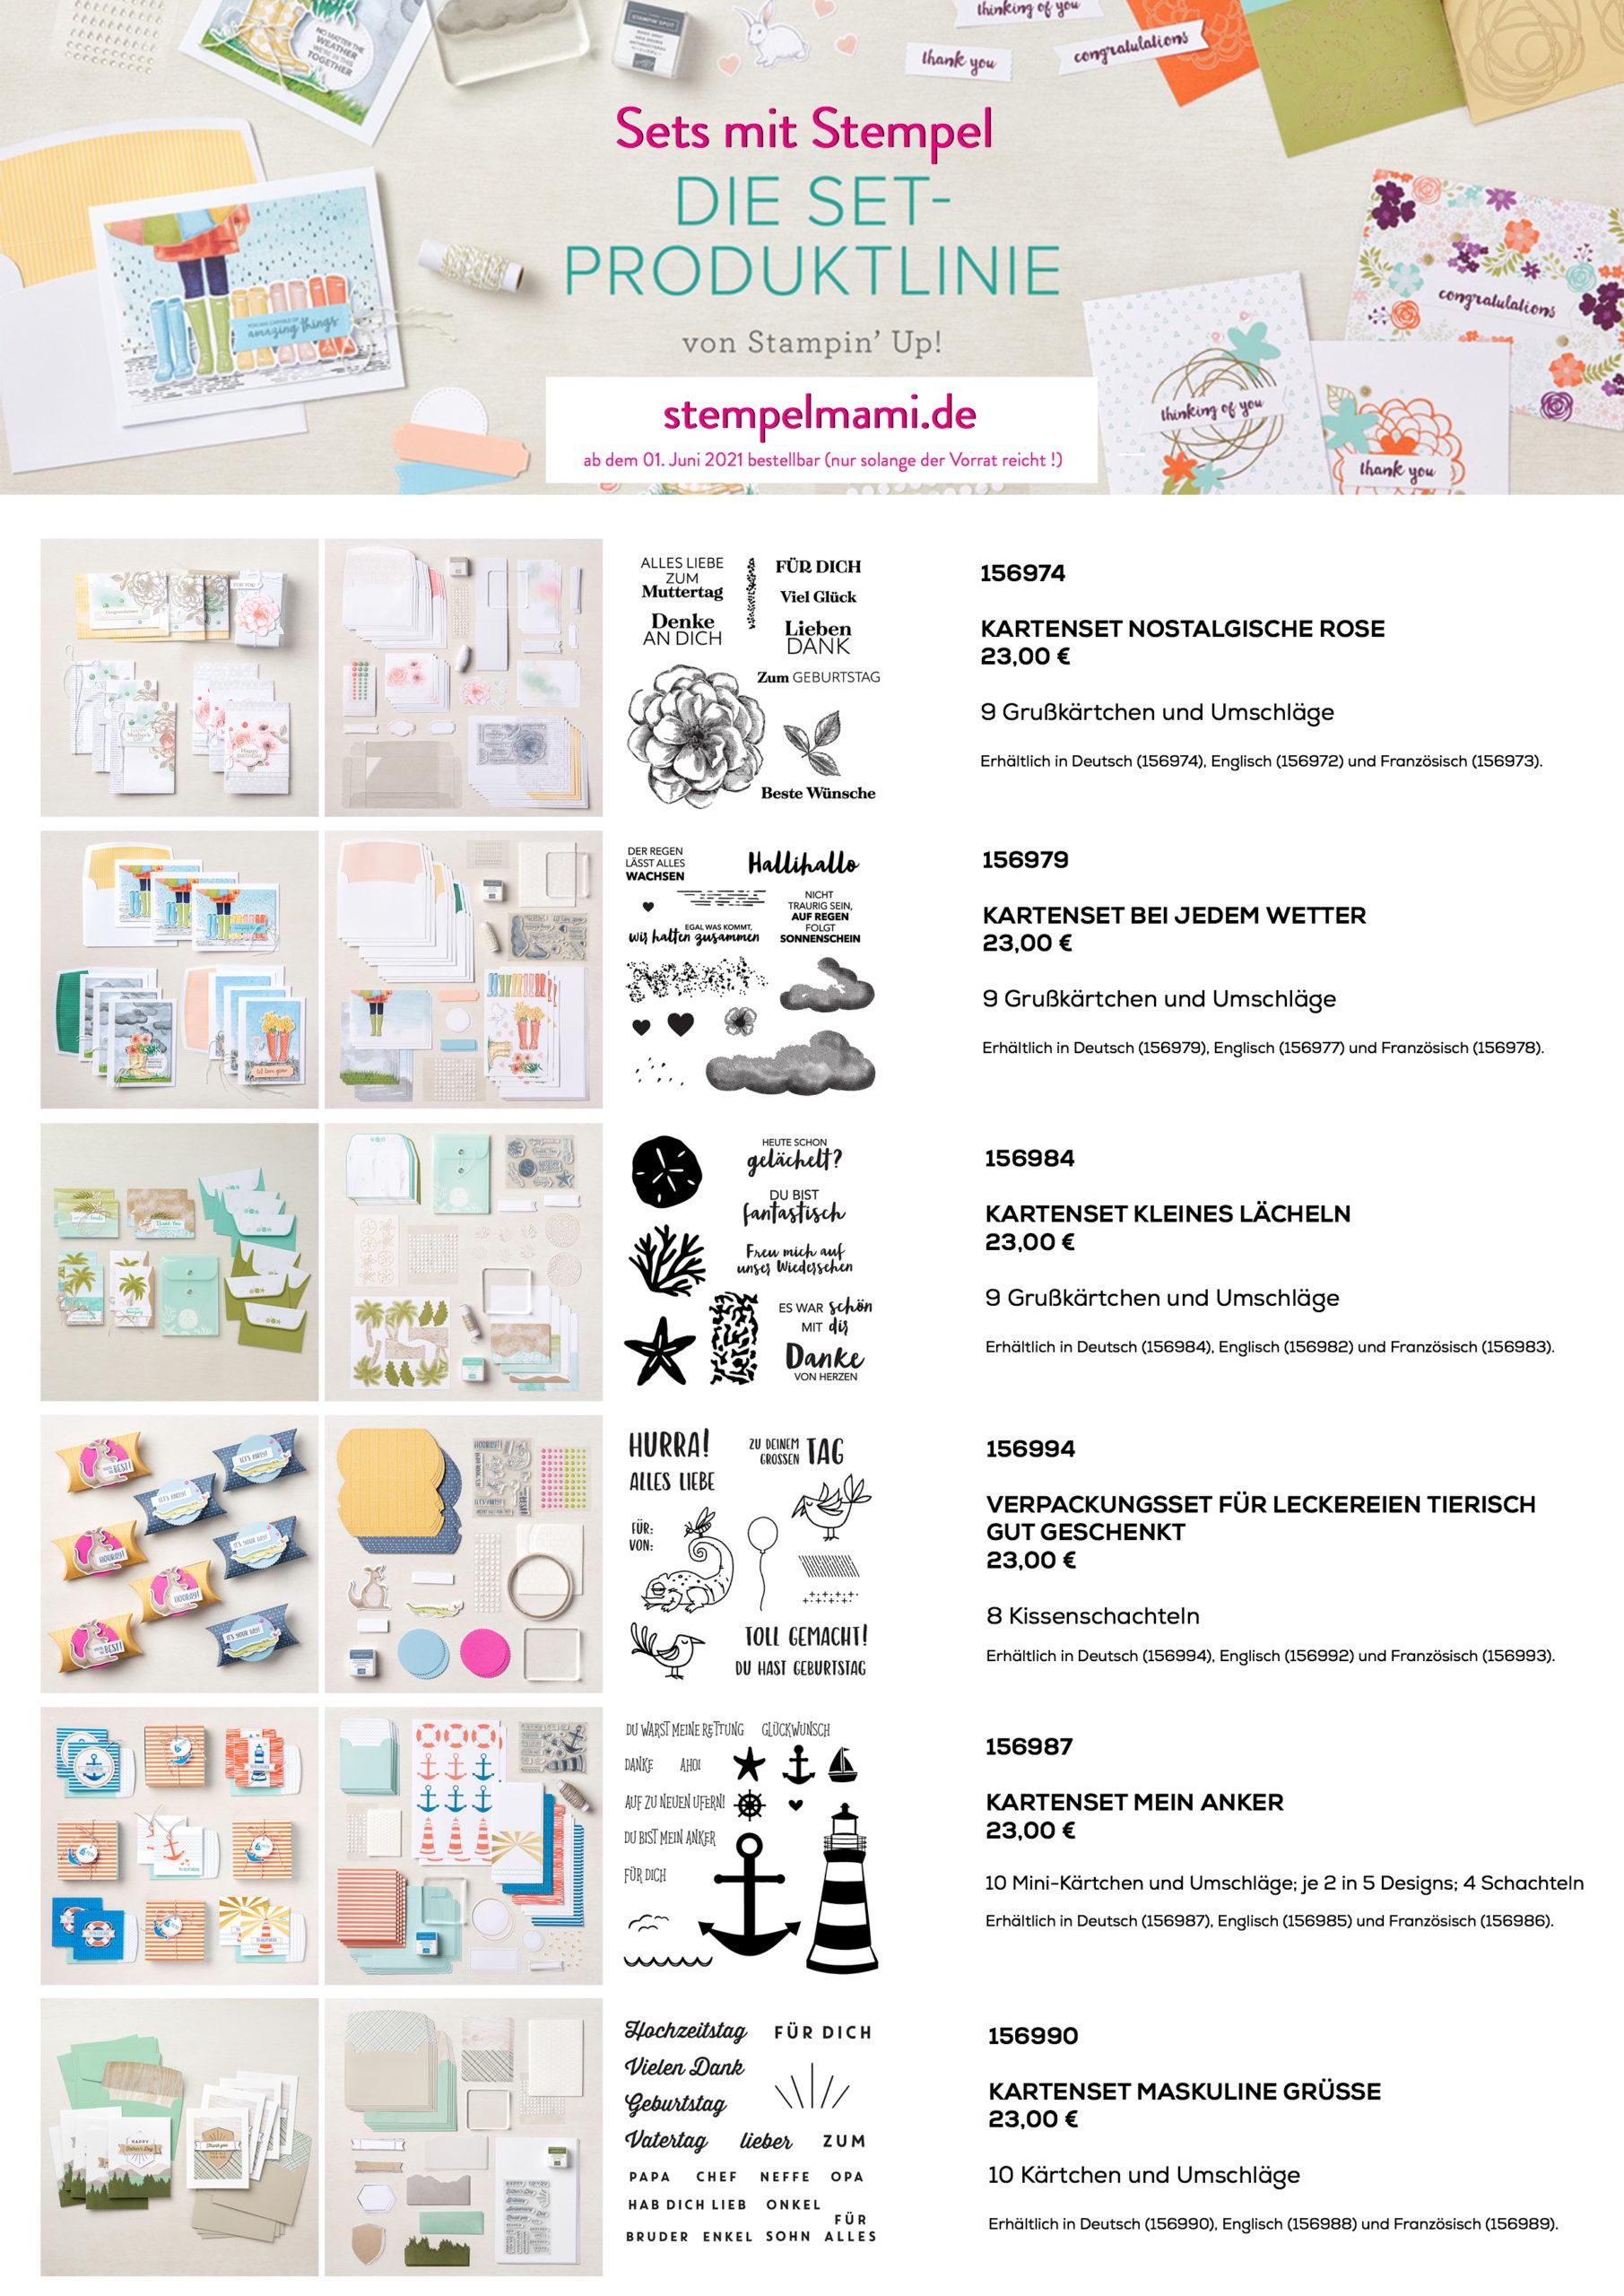 Neue Set-Produktlinie (Komplett-Sets) von Stampin Up ab Juni 2021 Stempelmami 1